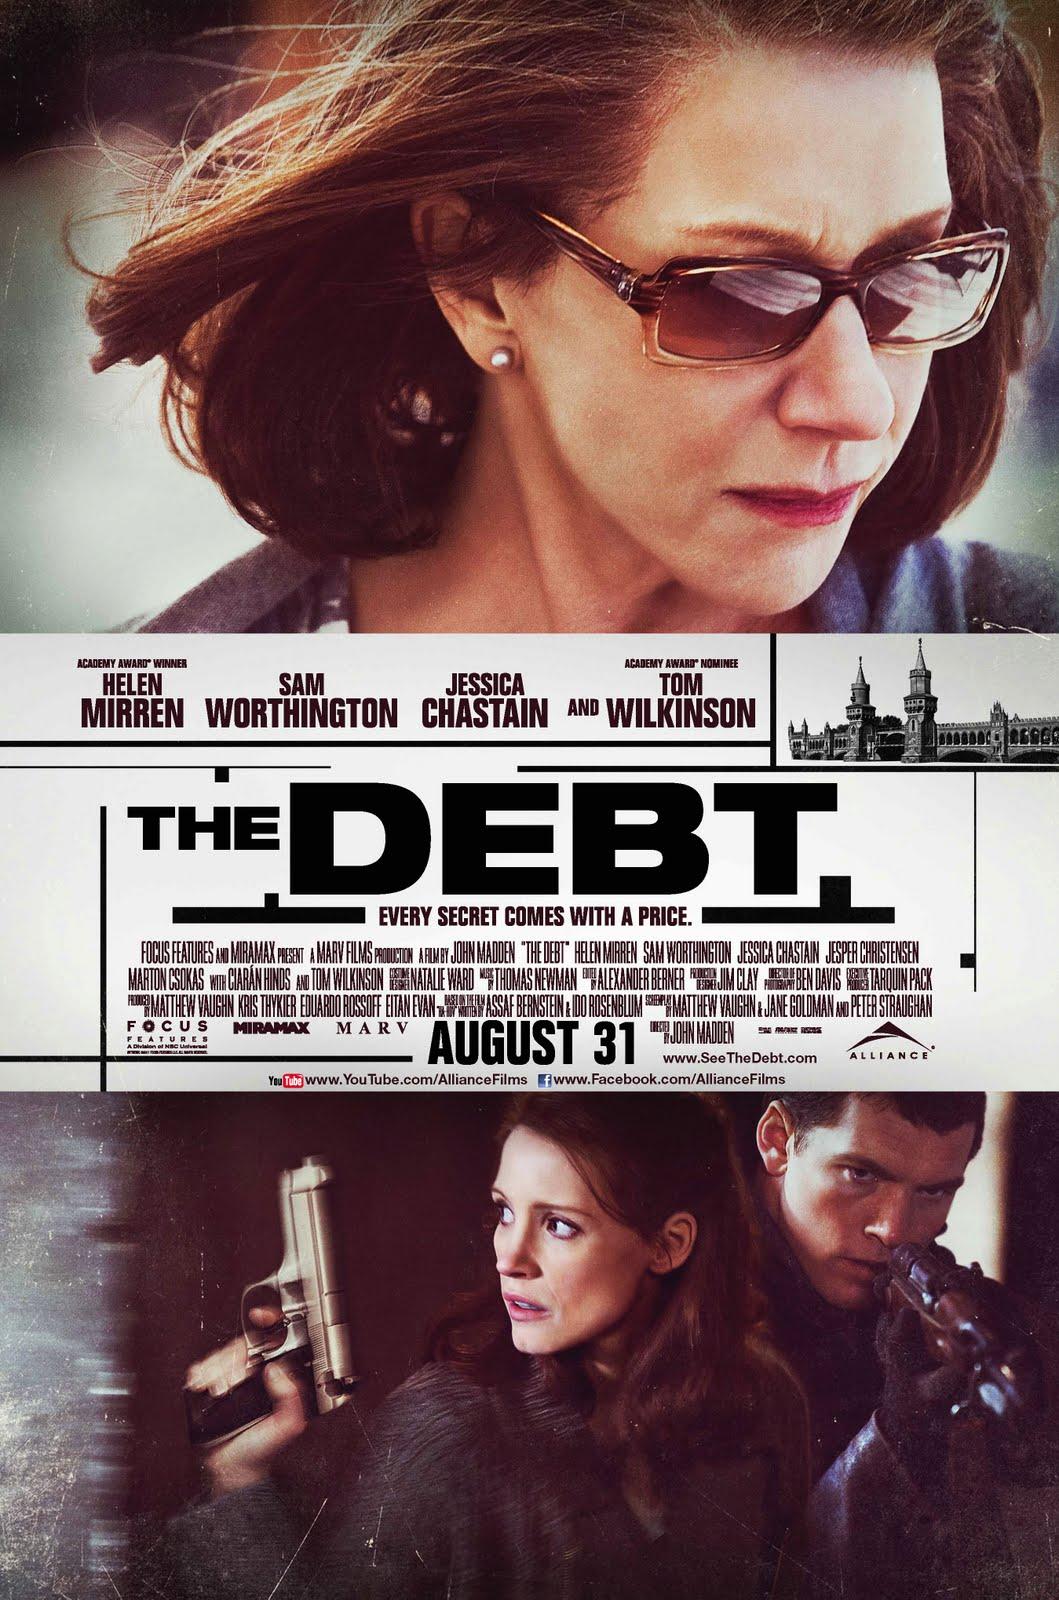 http://2.bp.blogspot.com/-wk_9i7zHi-s/TlN4Yq4MpCI/AAAAAAAAOog/LUX31N0uUBQ/s1600/The_Debt.jpg